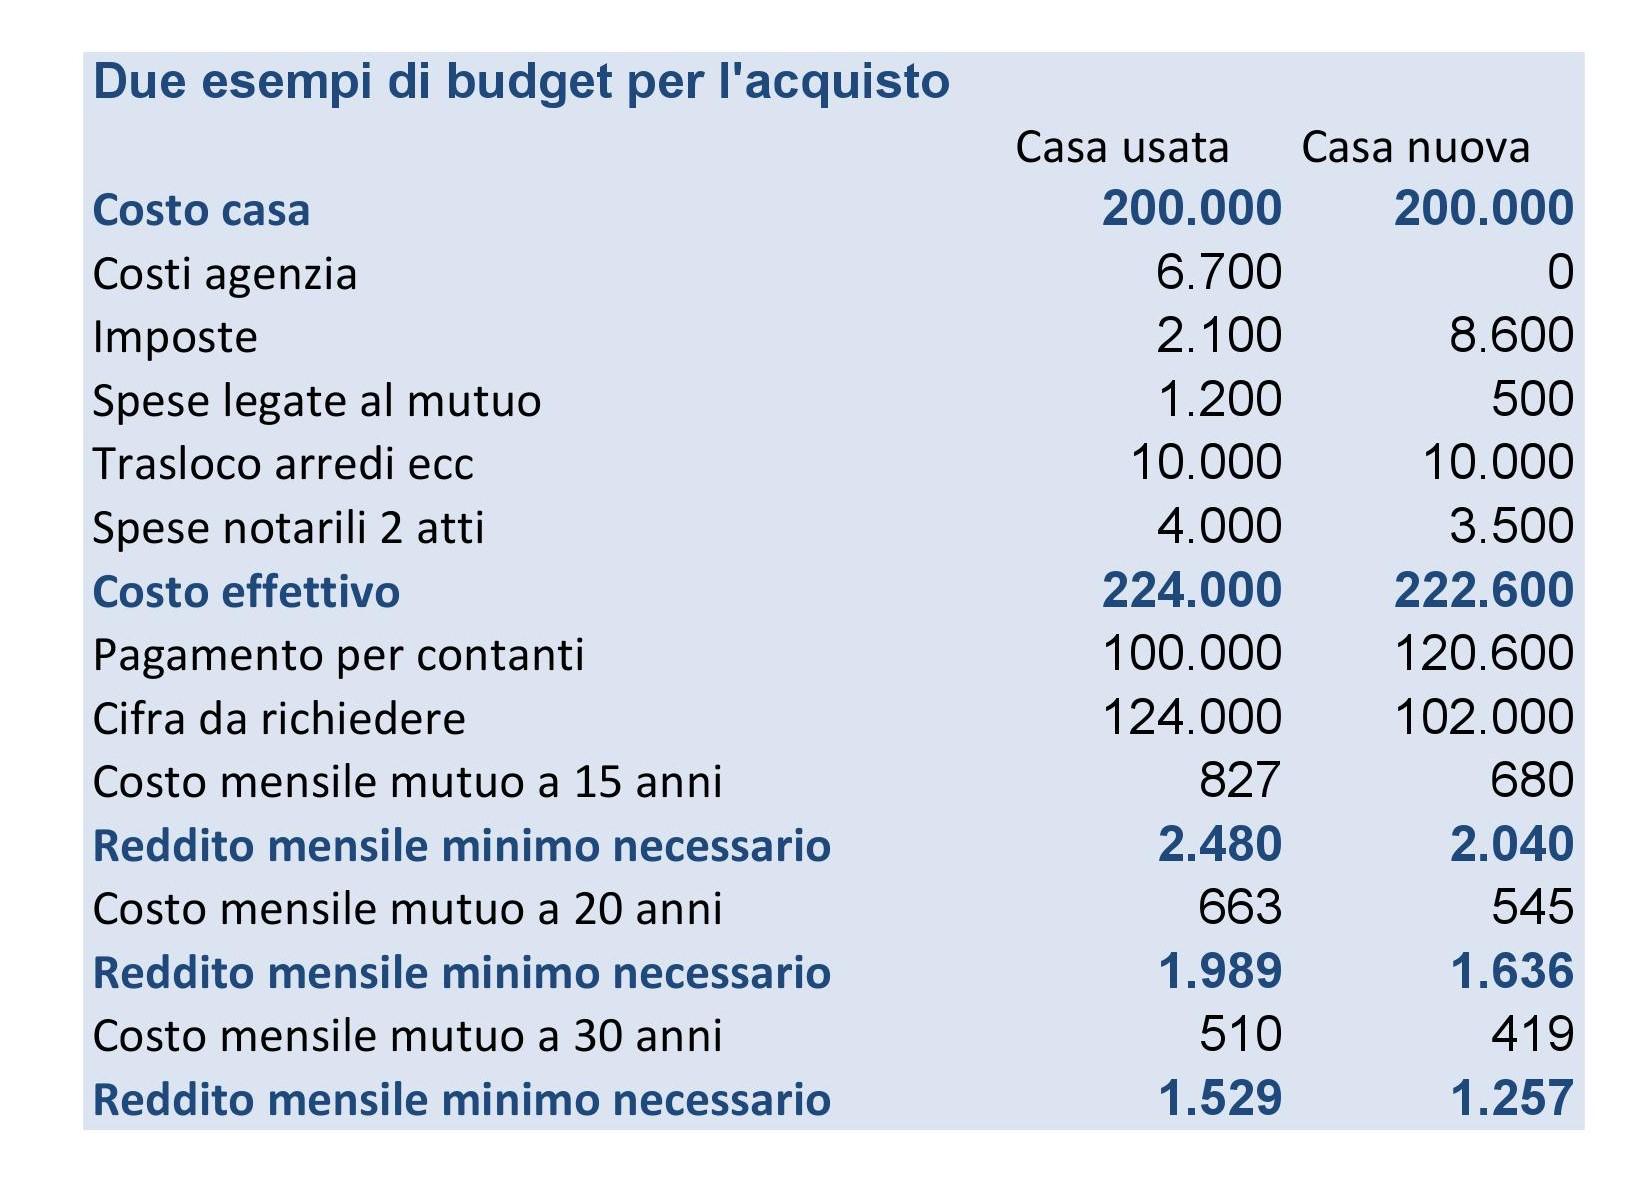 Casa tutti i costi per l 39 acquisto salvadenaro - Costi per acquisto casa ...